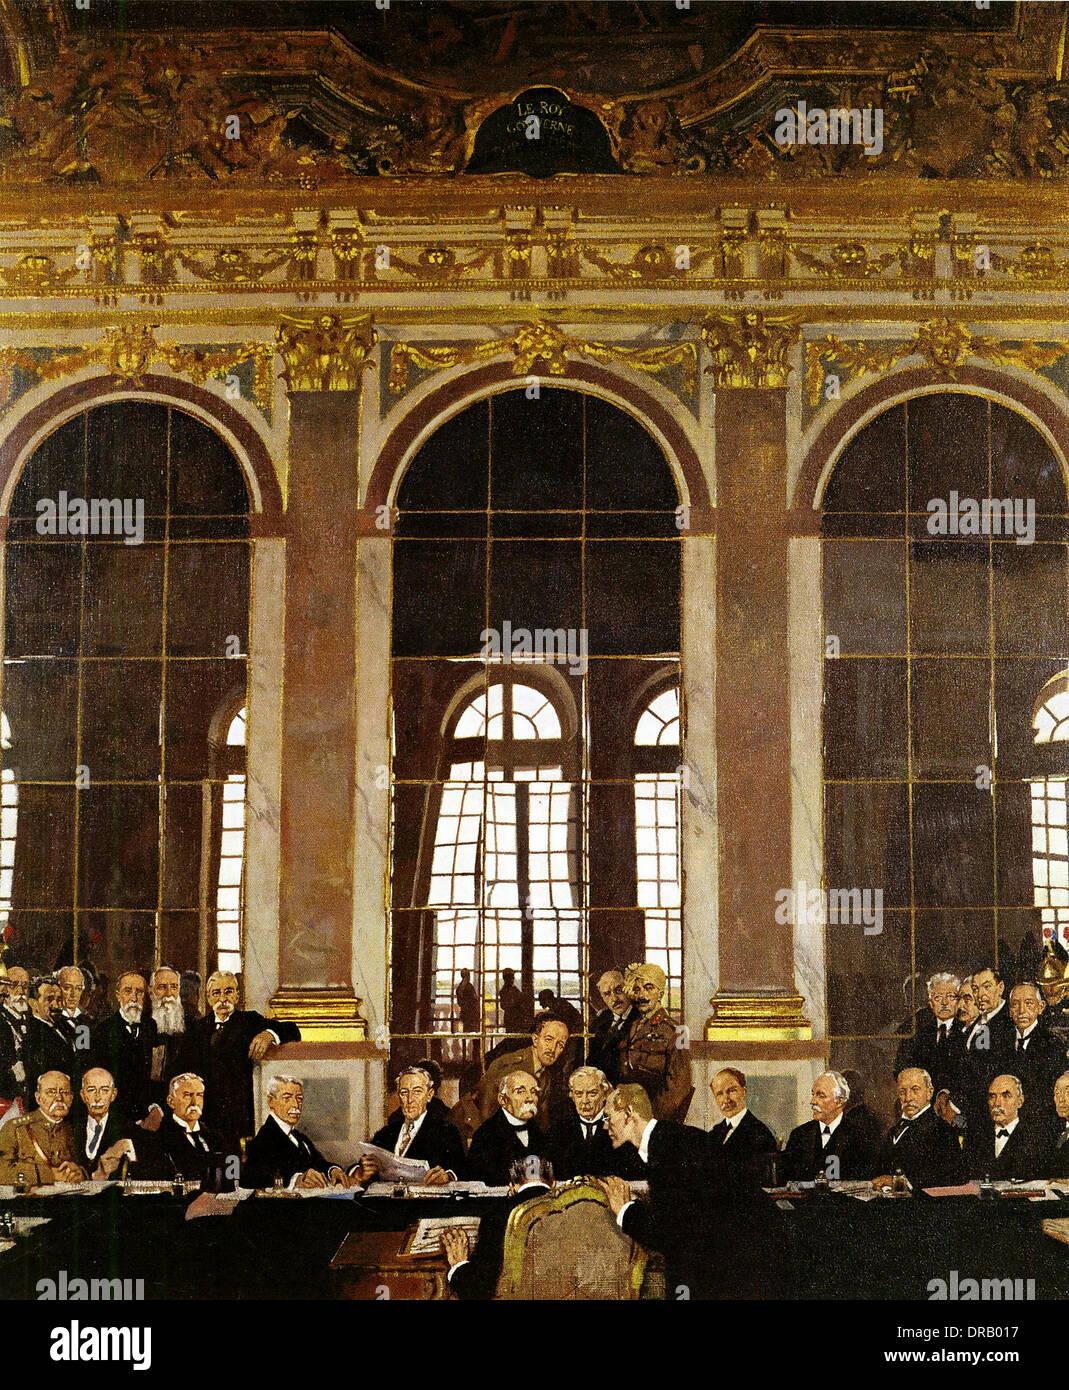 Trattato di Versailles, la firma del trattato di pace, dr. Johannes Bell firma il Trattato di Versailles nella Sala degli Specchi Immagini Stock